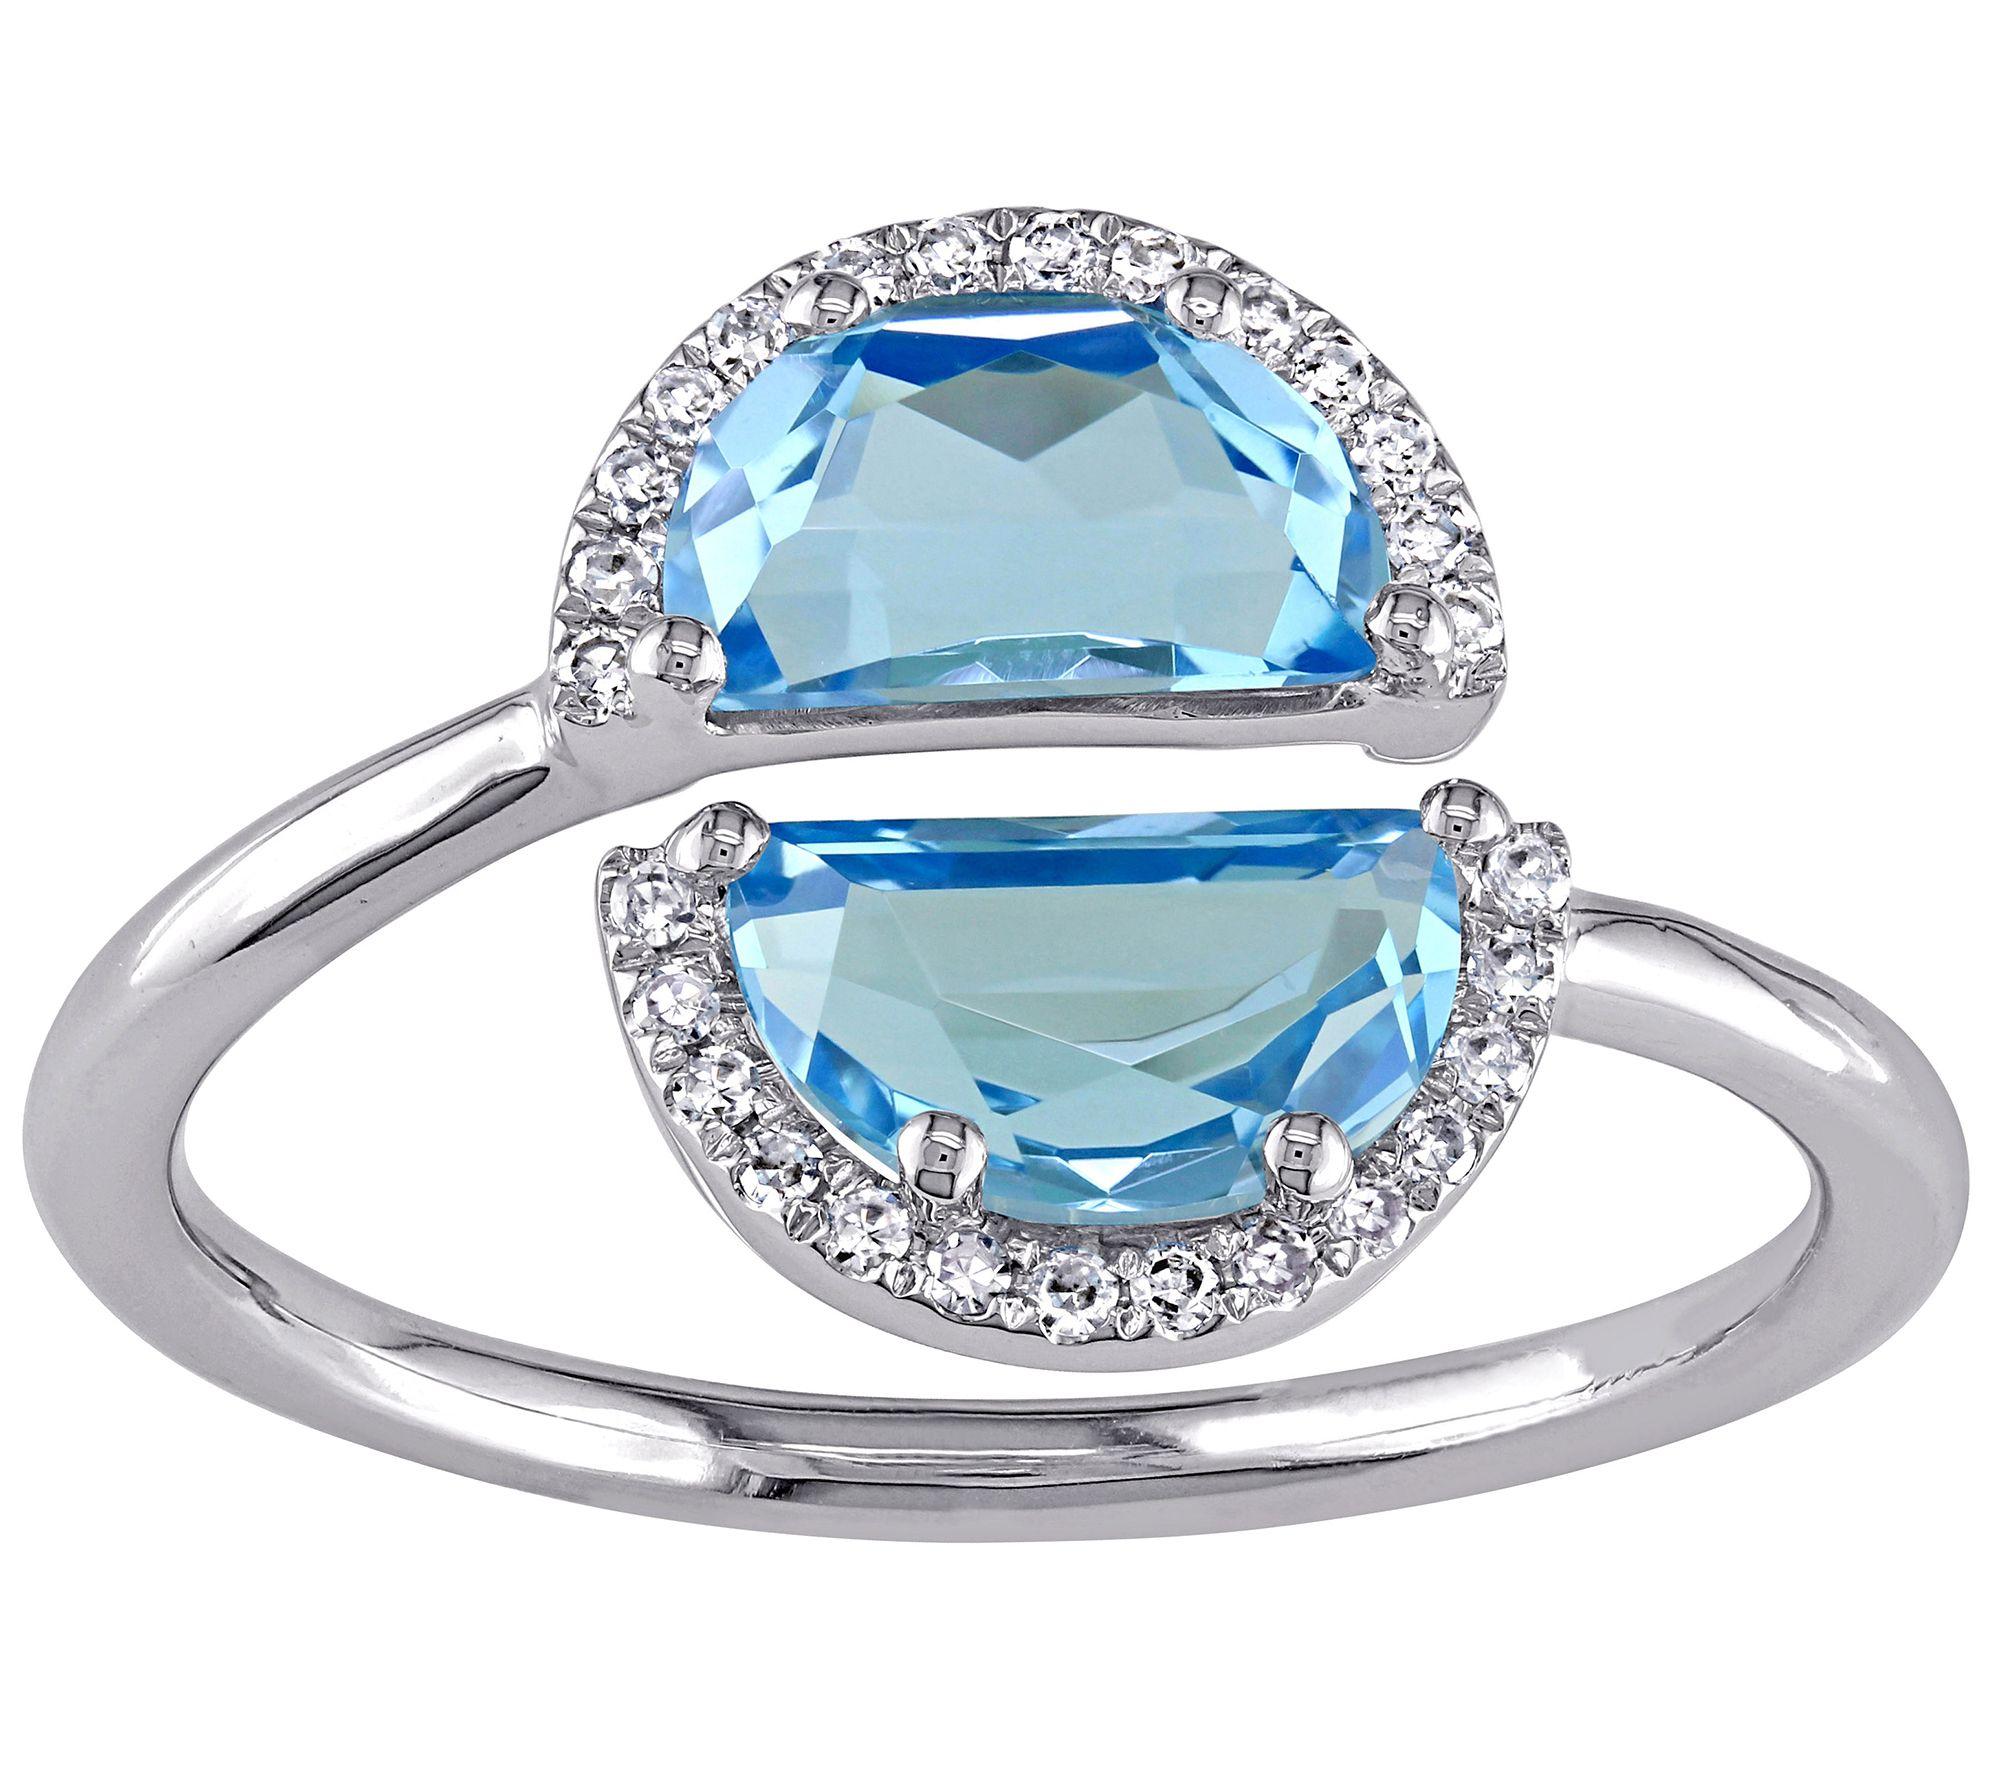 2 35 Cttw Blue Topaz Amp Diamond Accent Ring 1 4k White